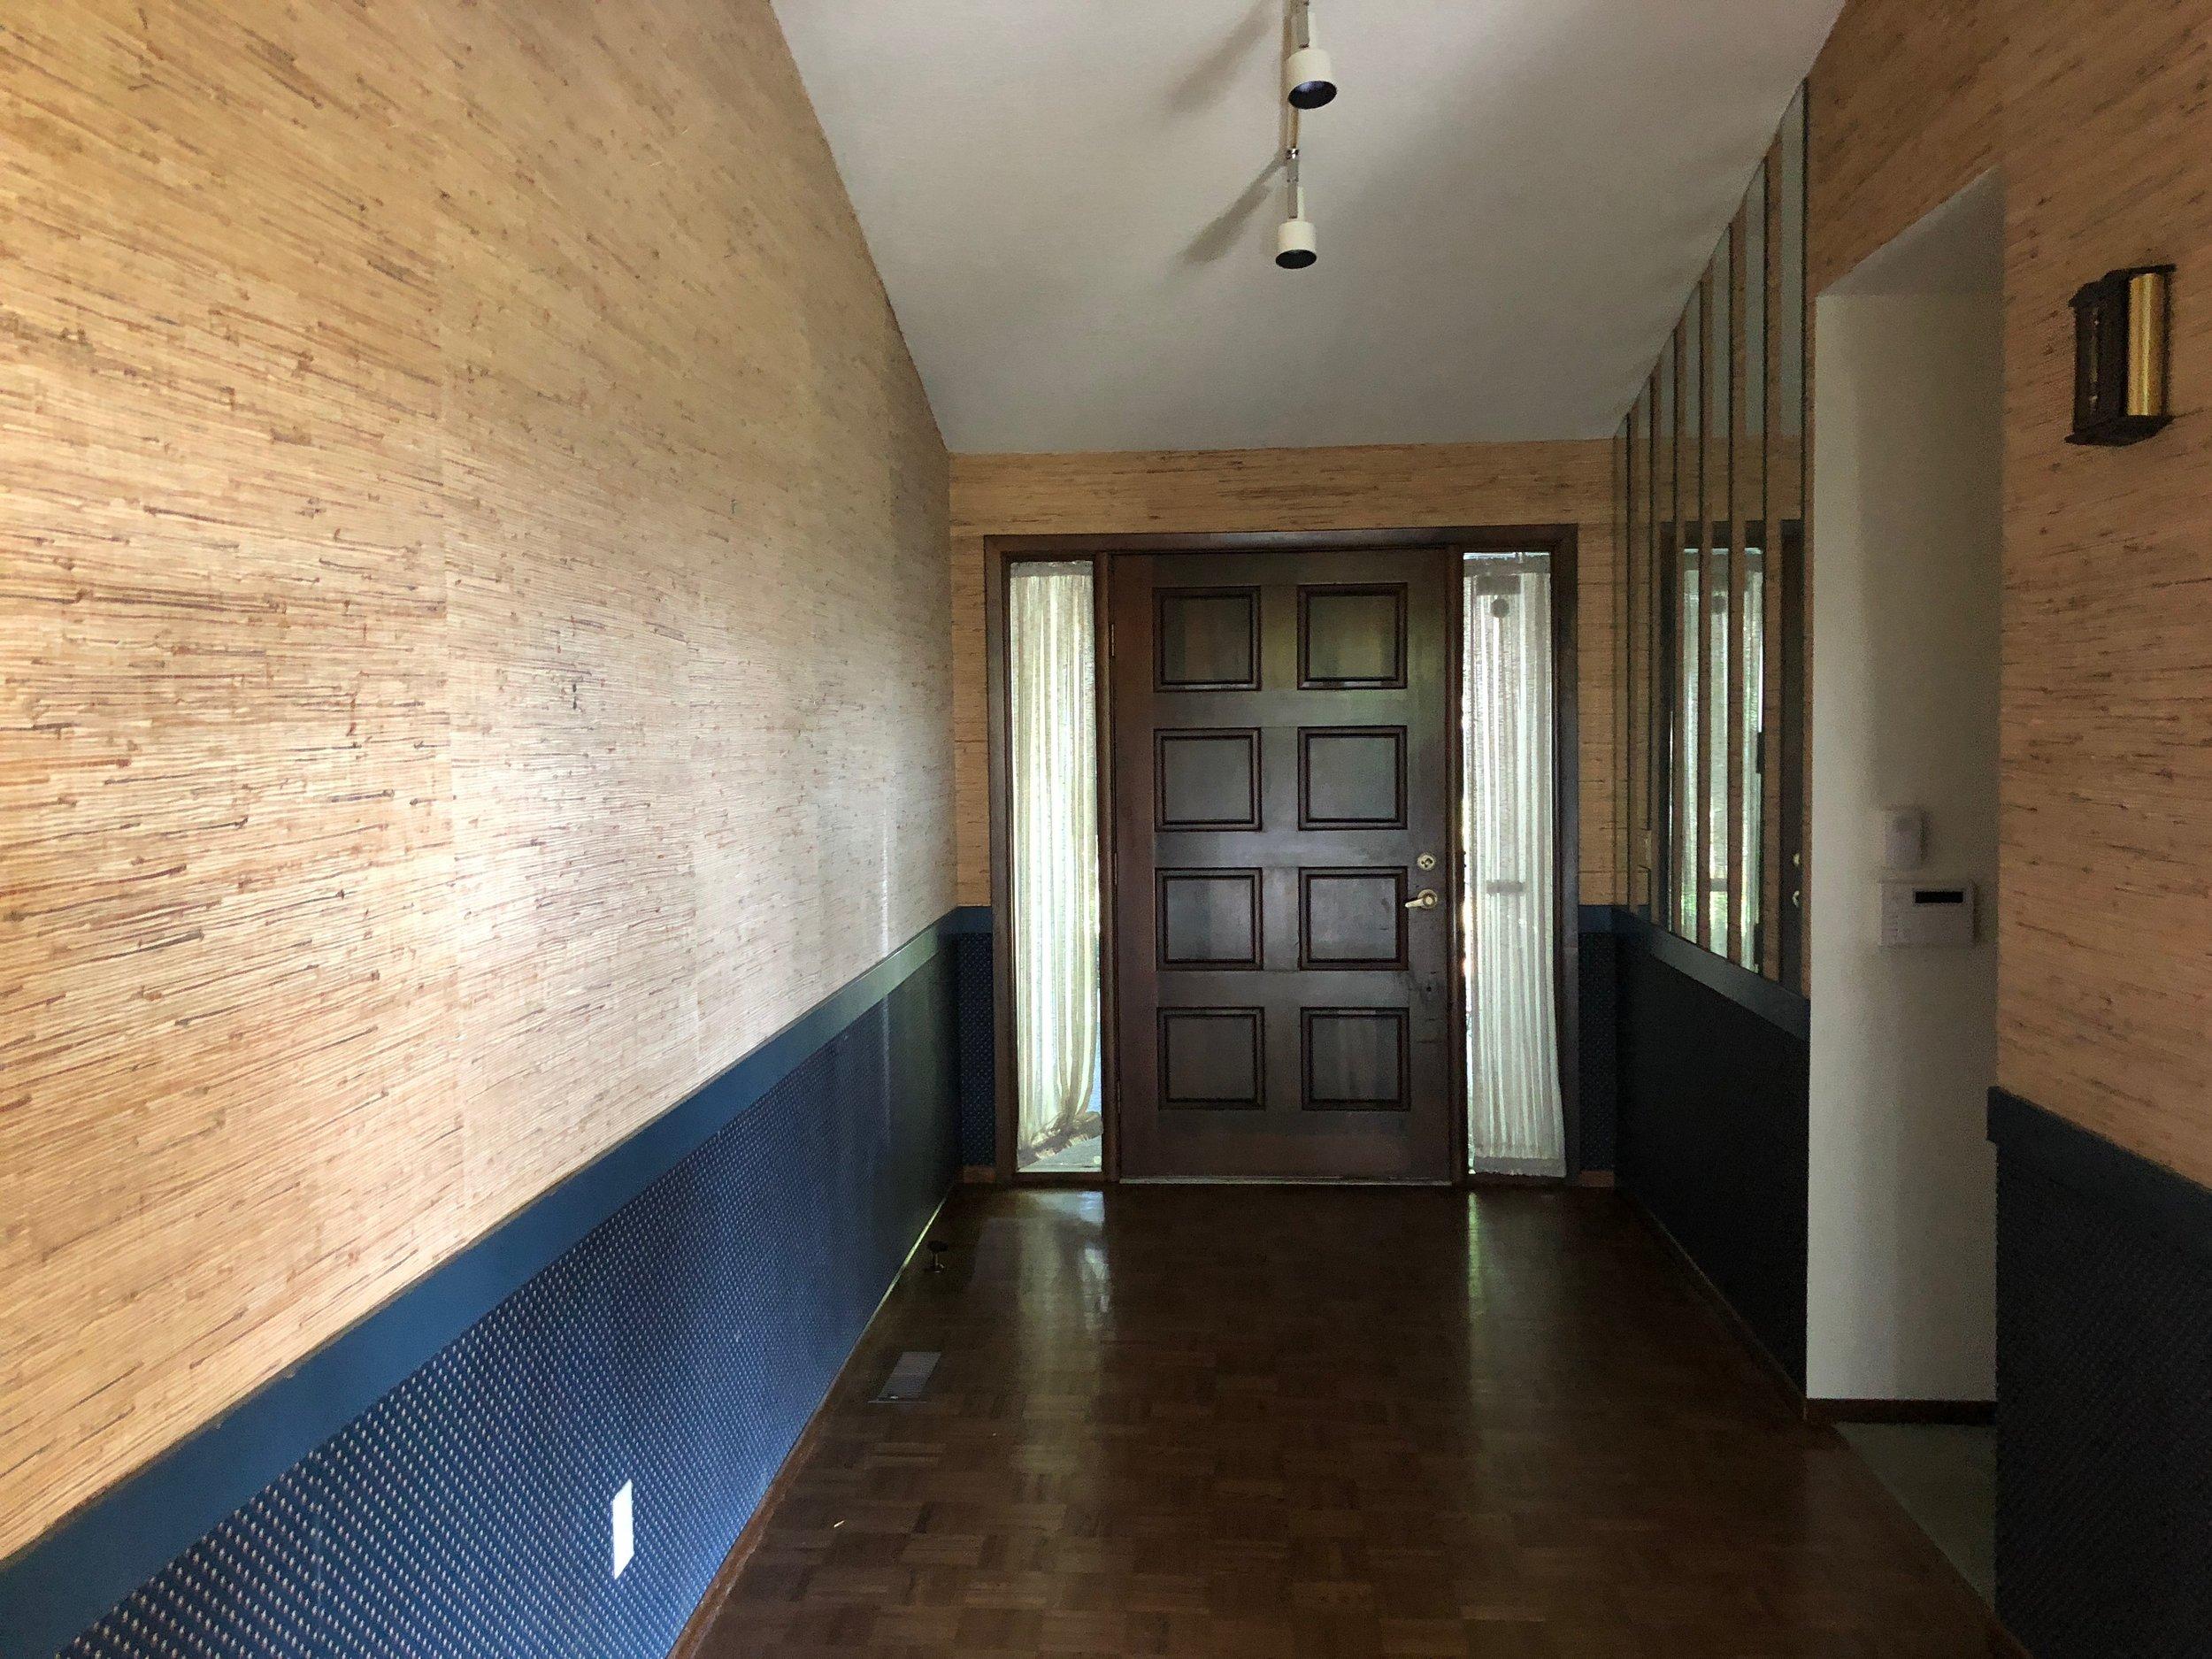 BEFORE // Entryway had woven textured walls, odd mirrors, dark floors, dark door